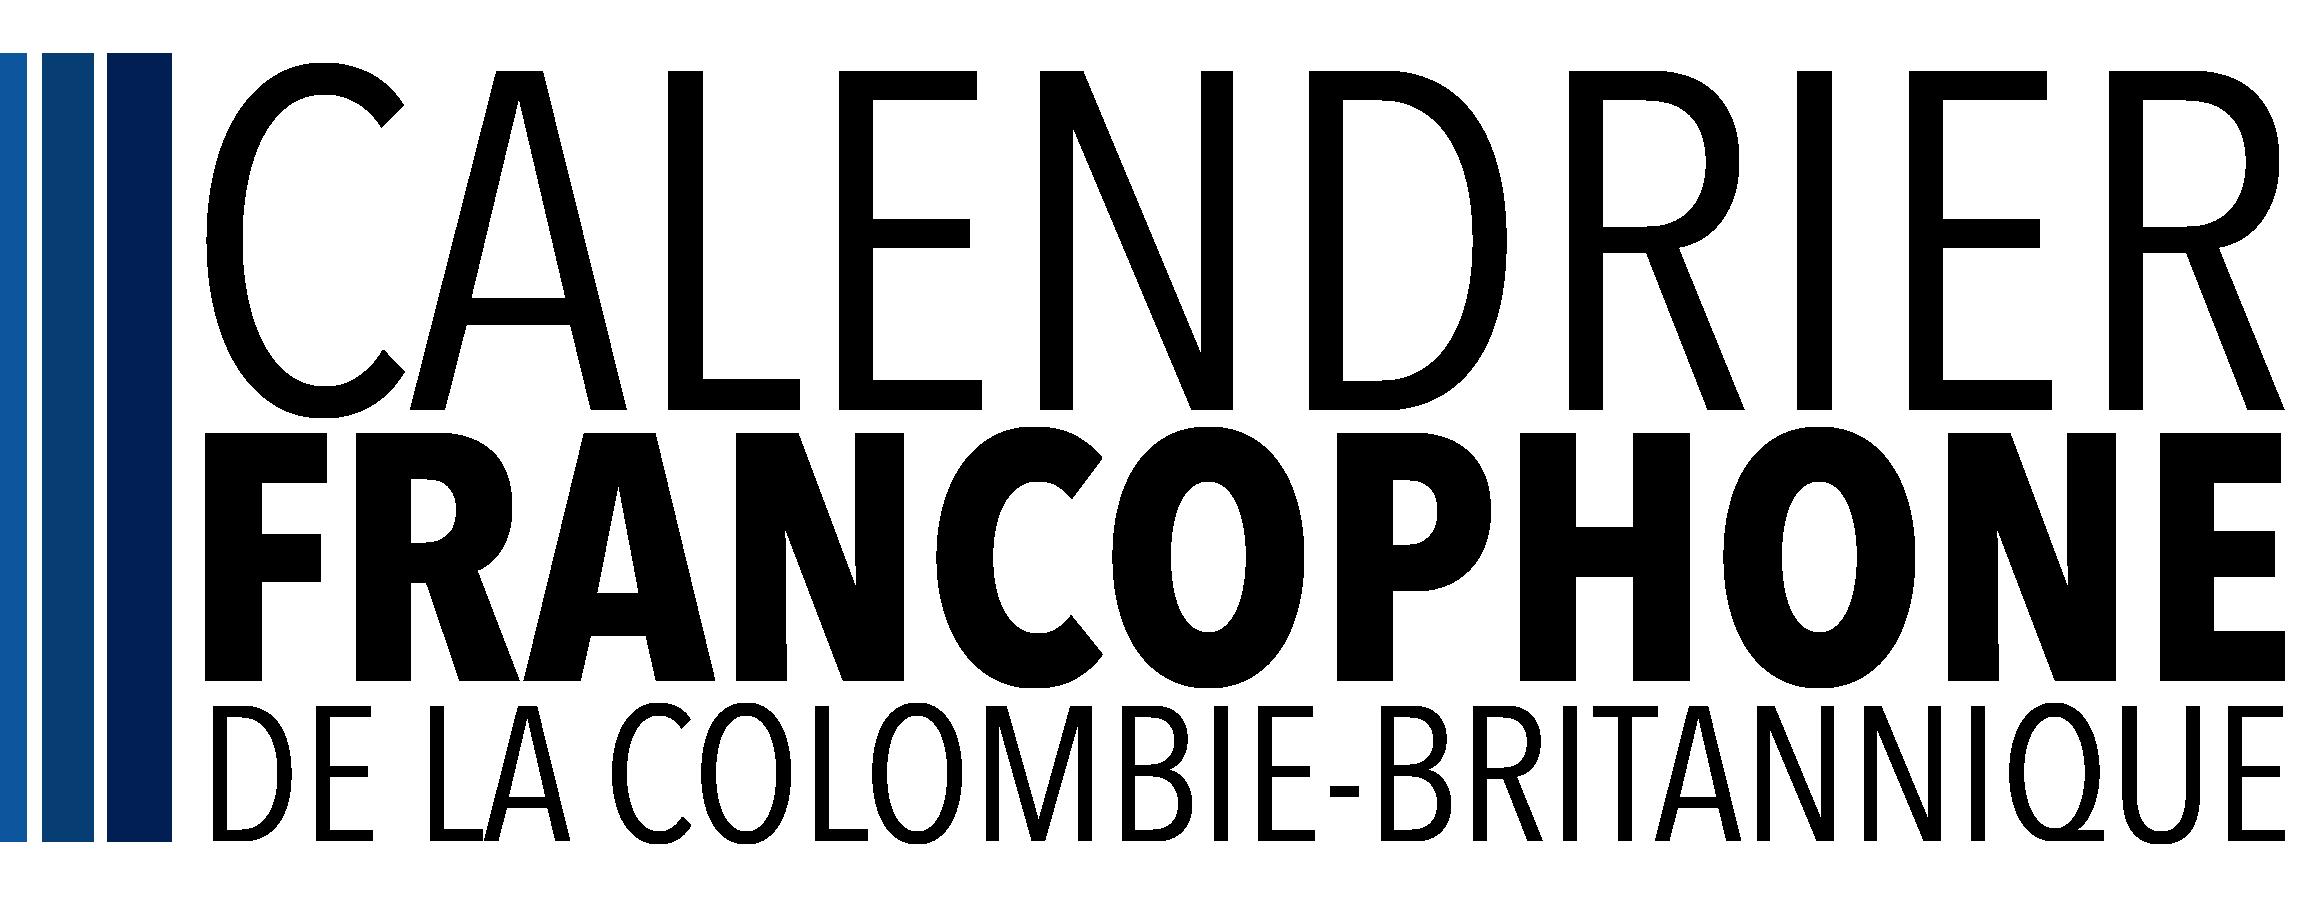 Calendrier francophone de la Colombie-Britannique Logo